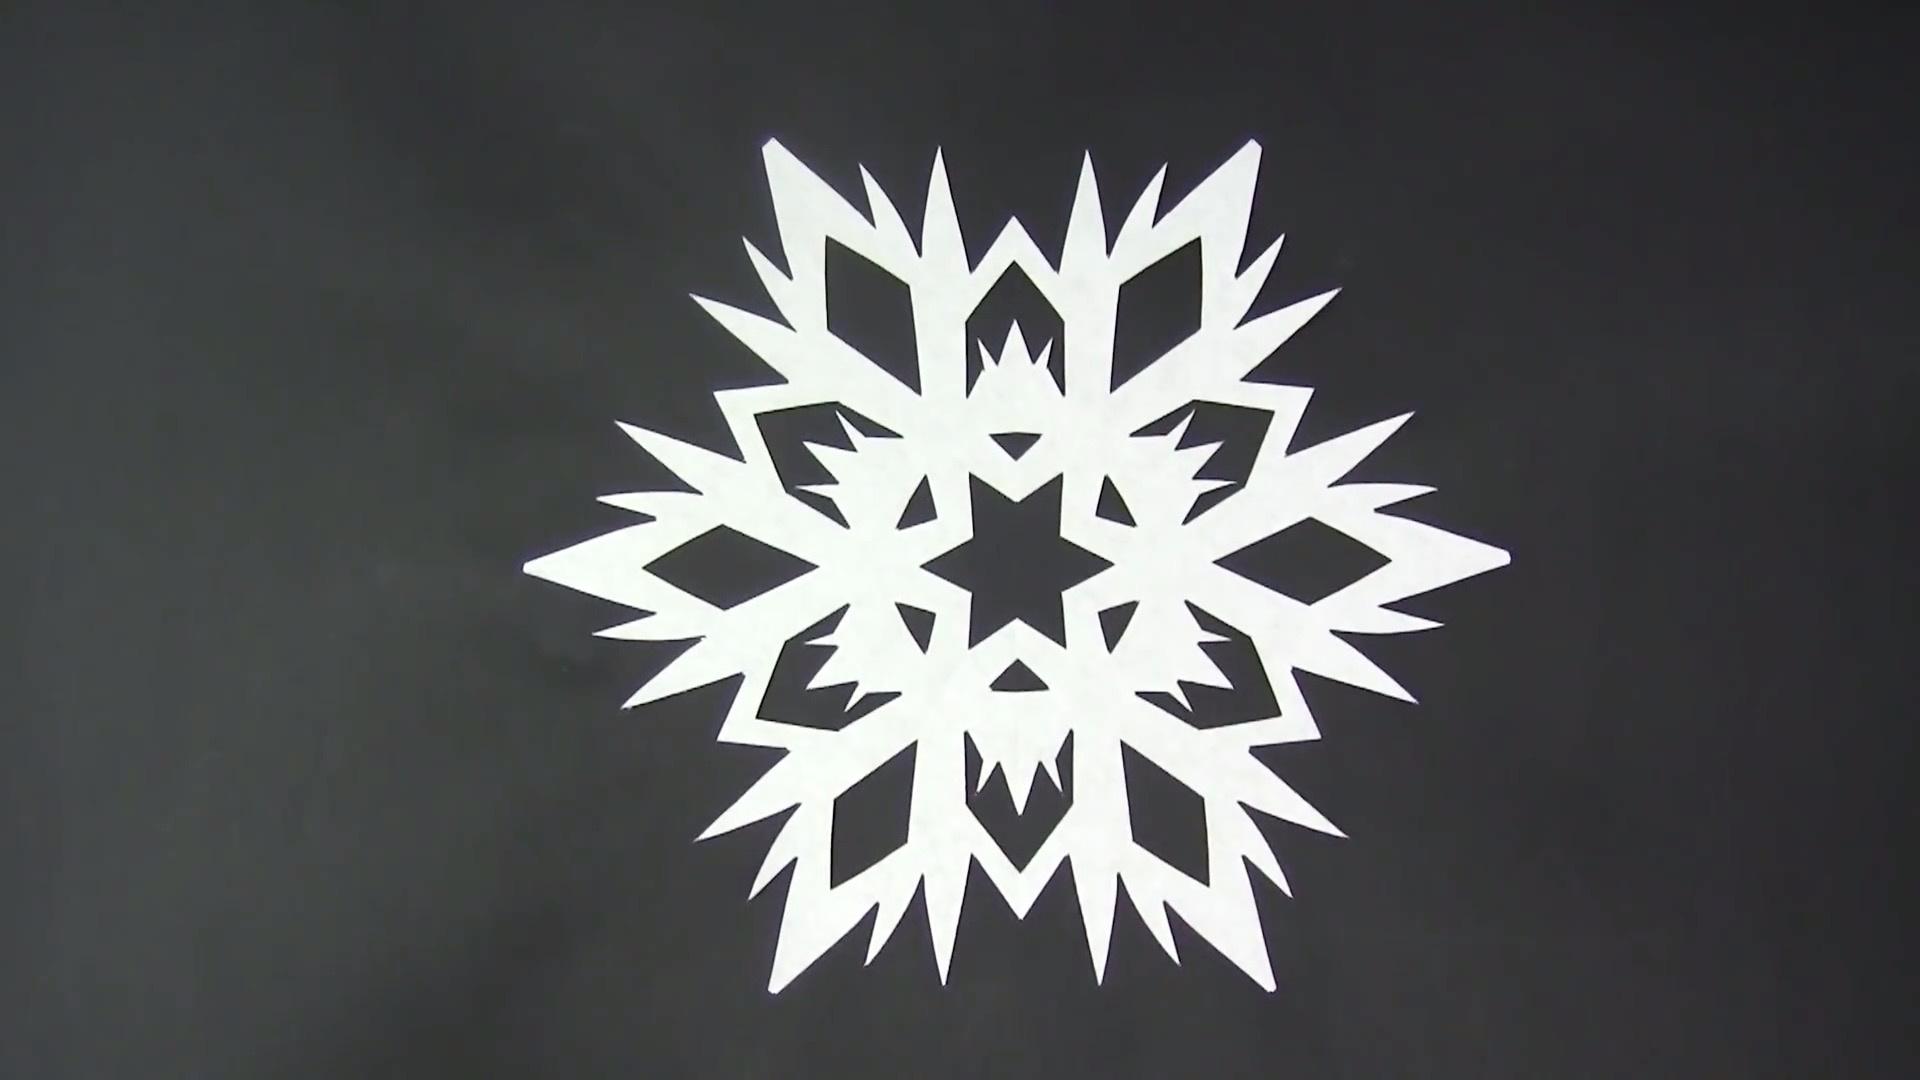 手工剪纸视频教程:只需5分钟,剪出逼真的雪花